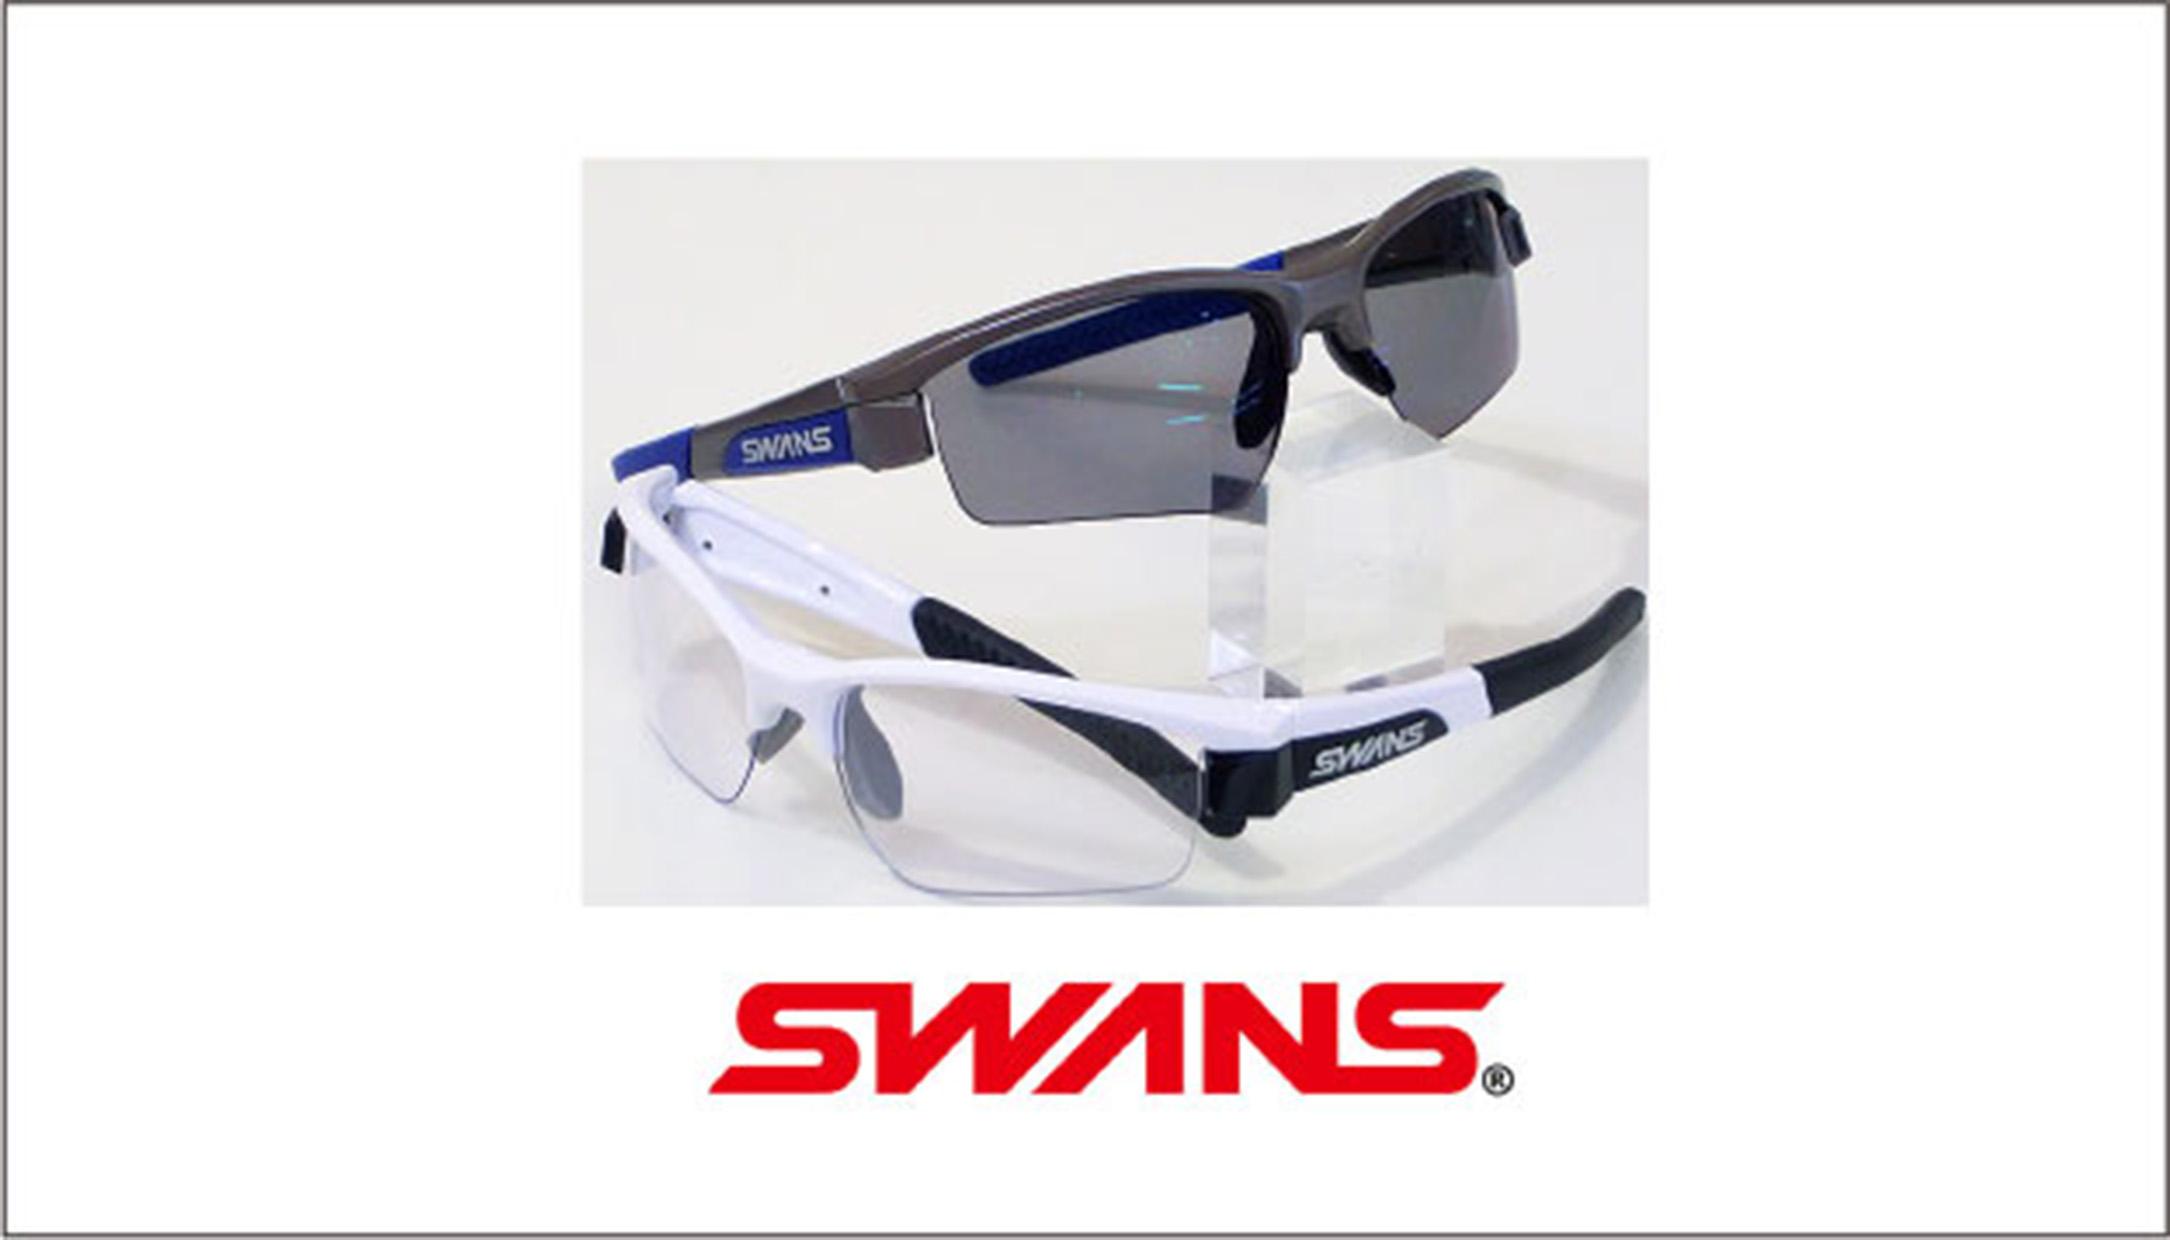 SWANS(スワンズ)入荷しました フローラ88店